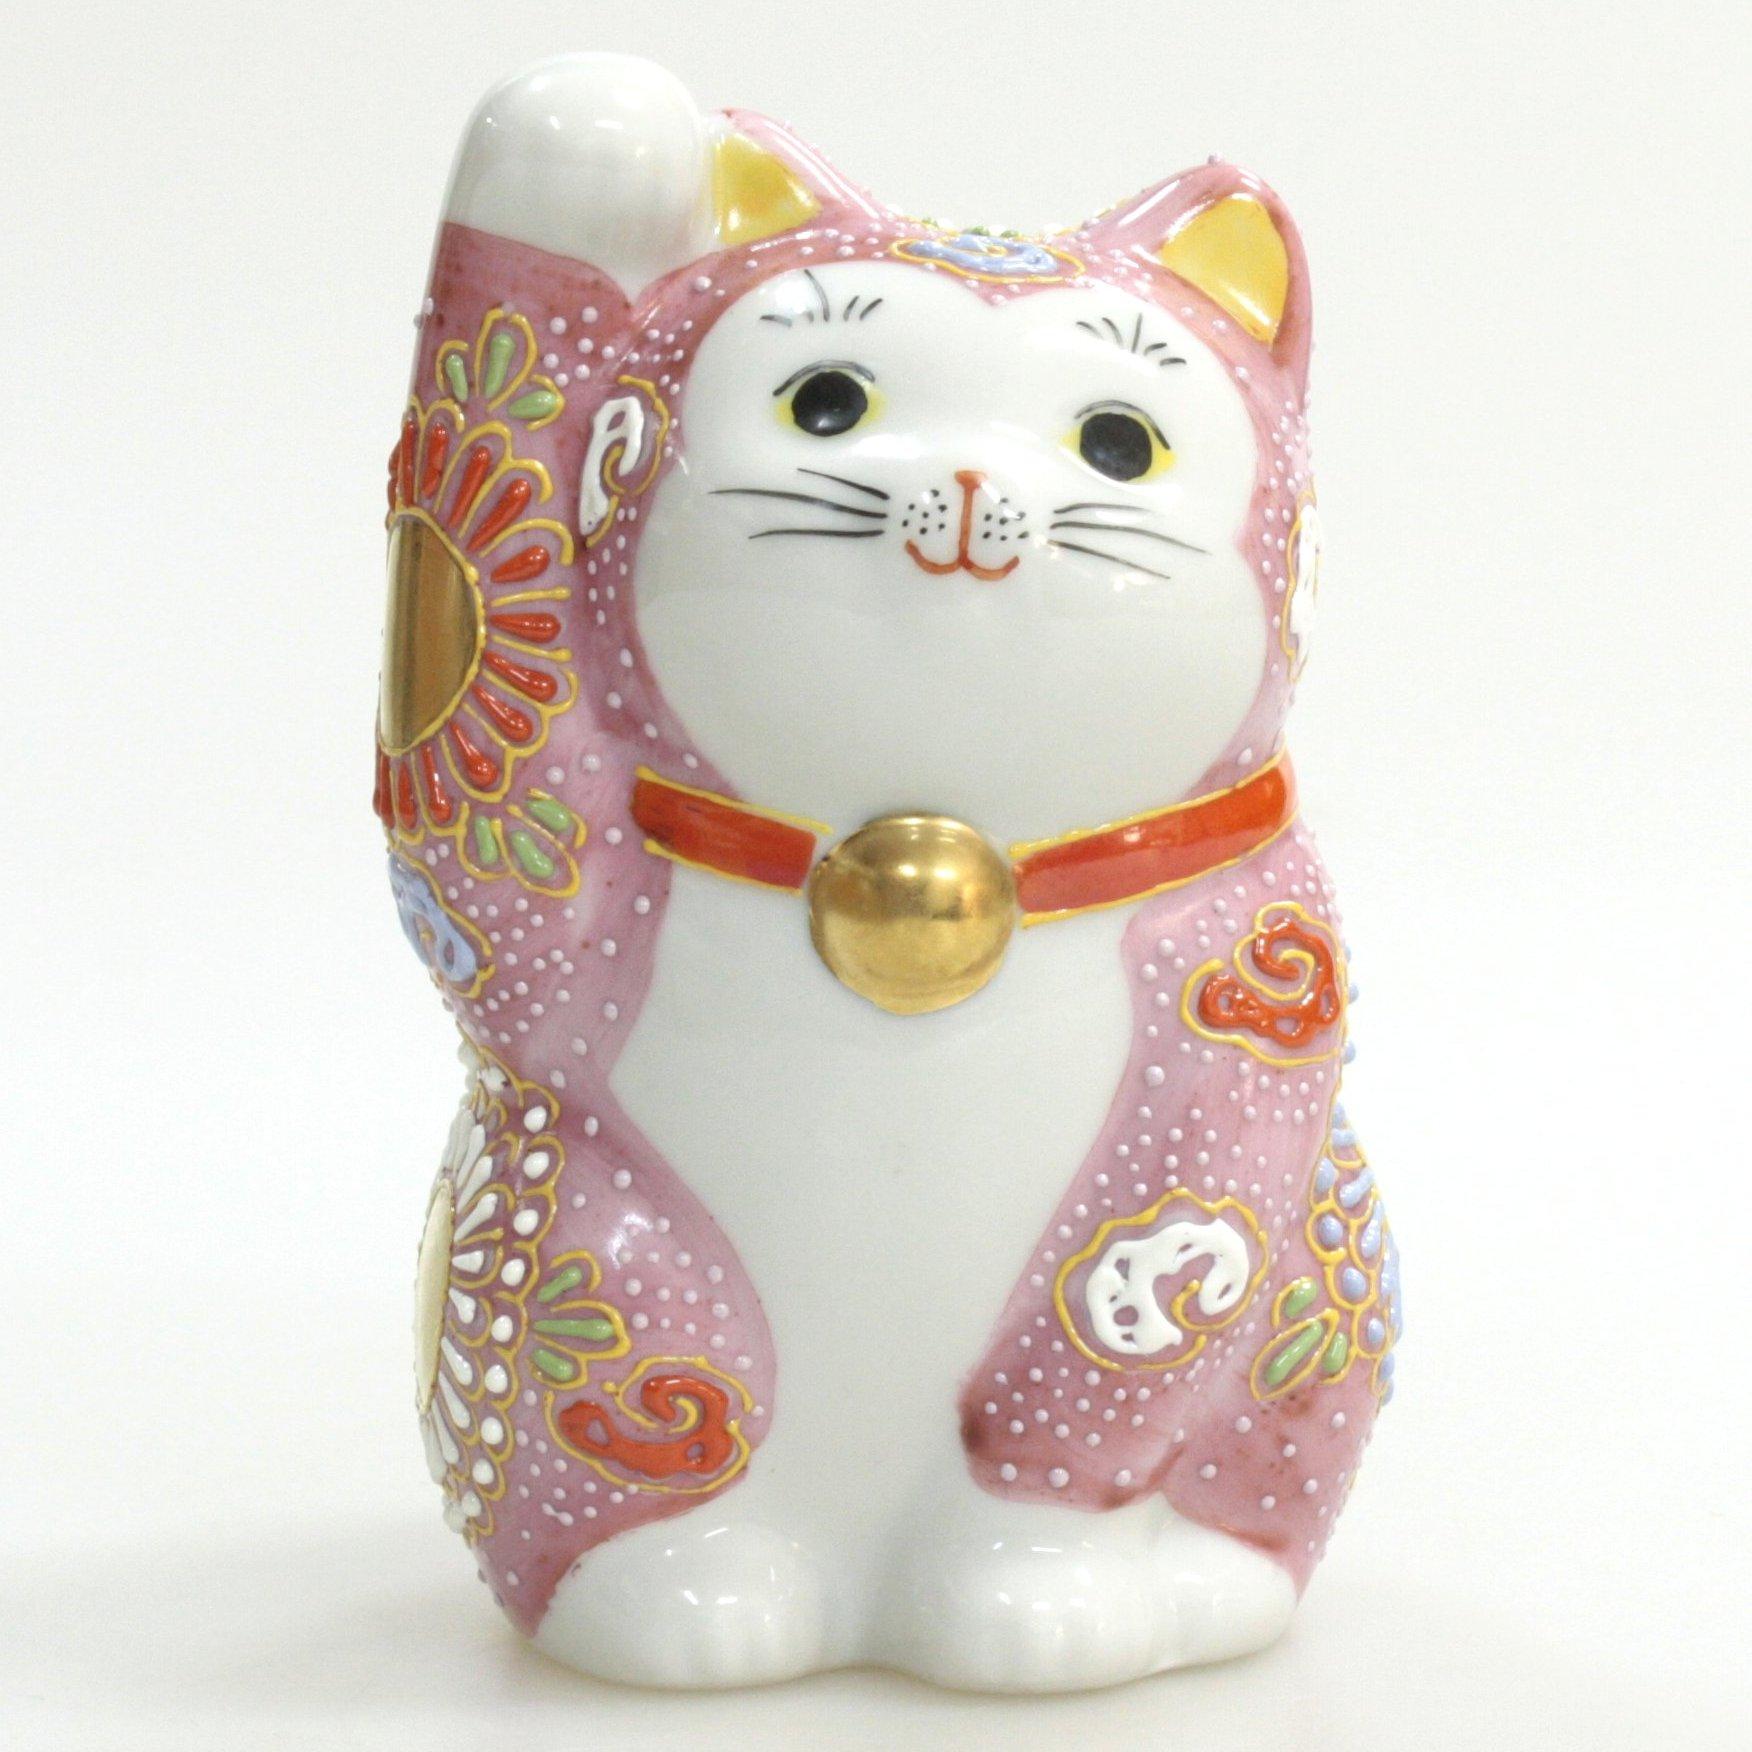 九谷焼ギフト ご贈答品 御祝い 九谷焼3.5号招き猫 ピンク盛